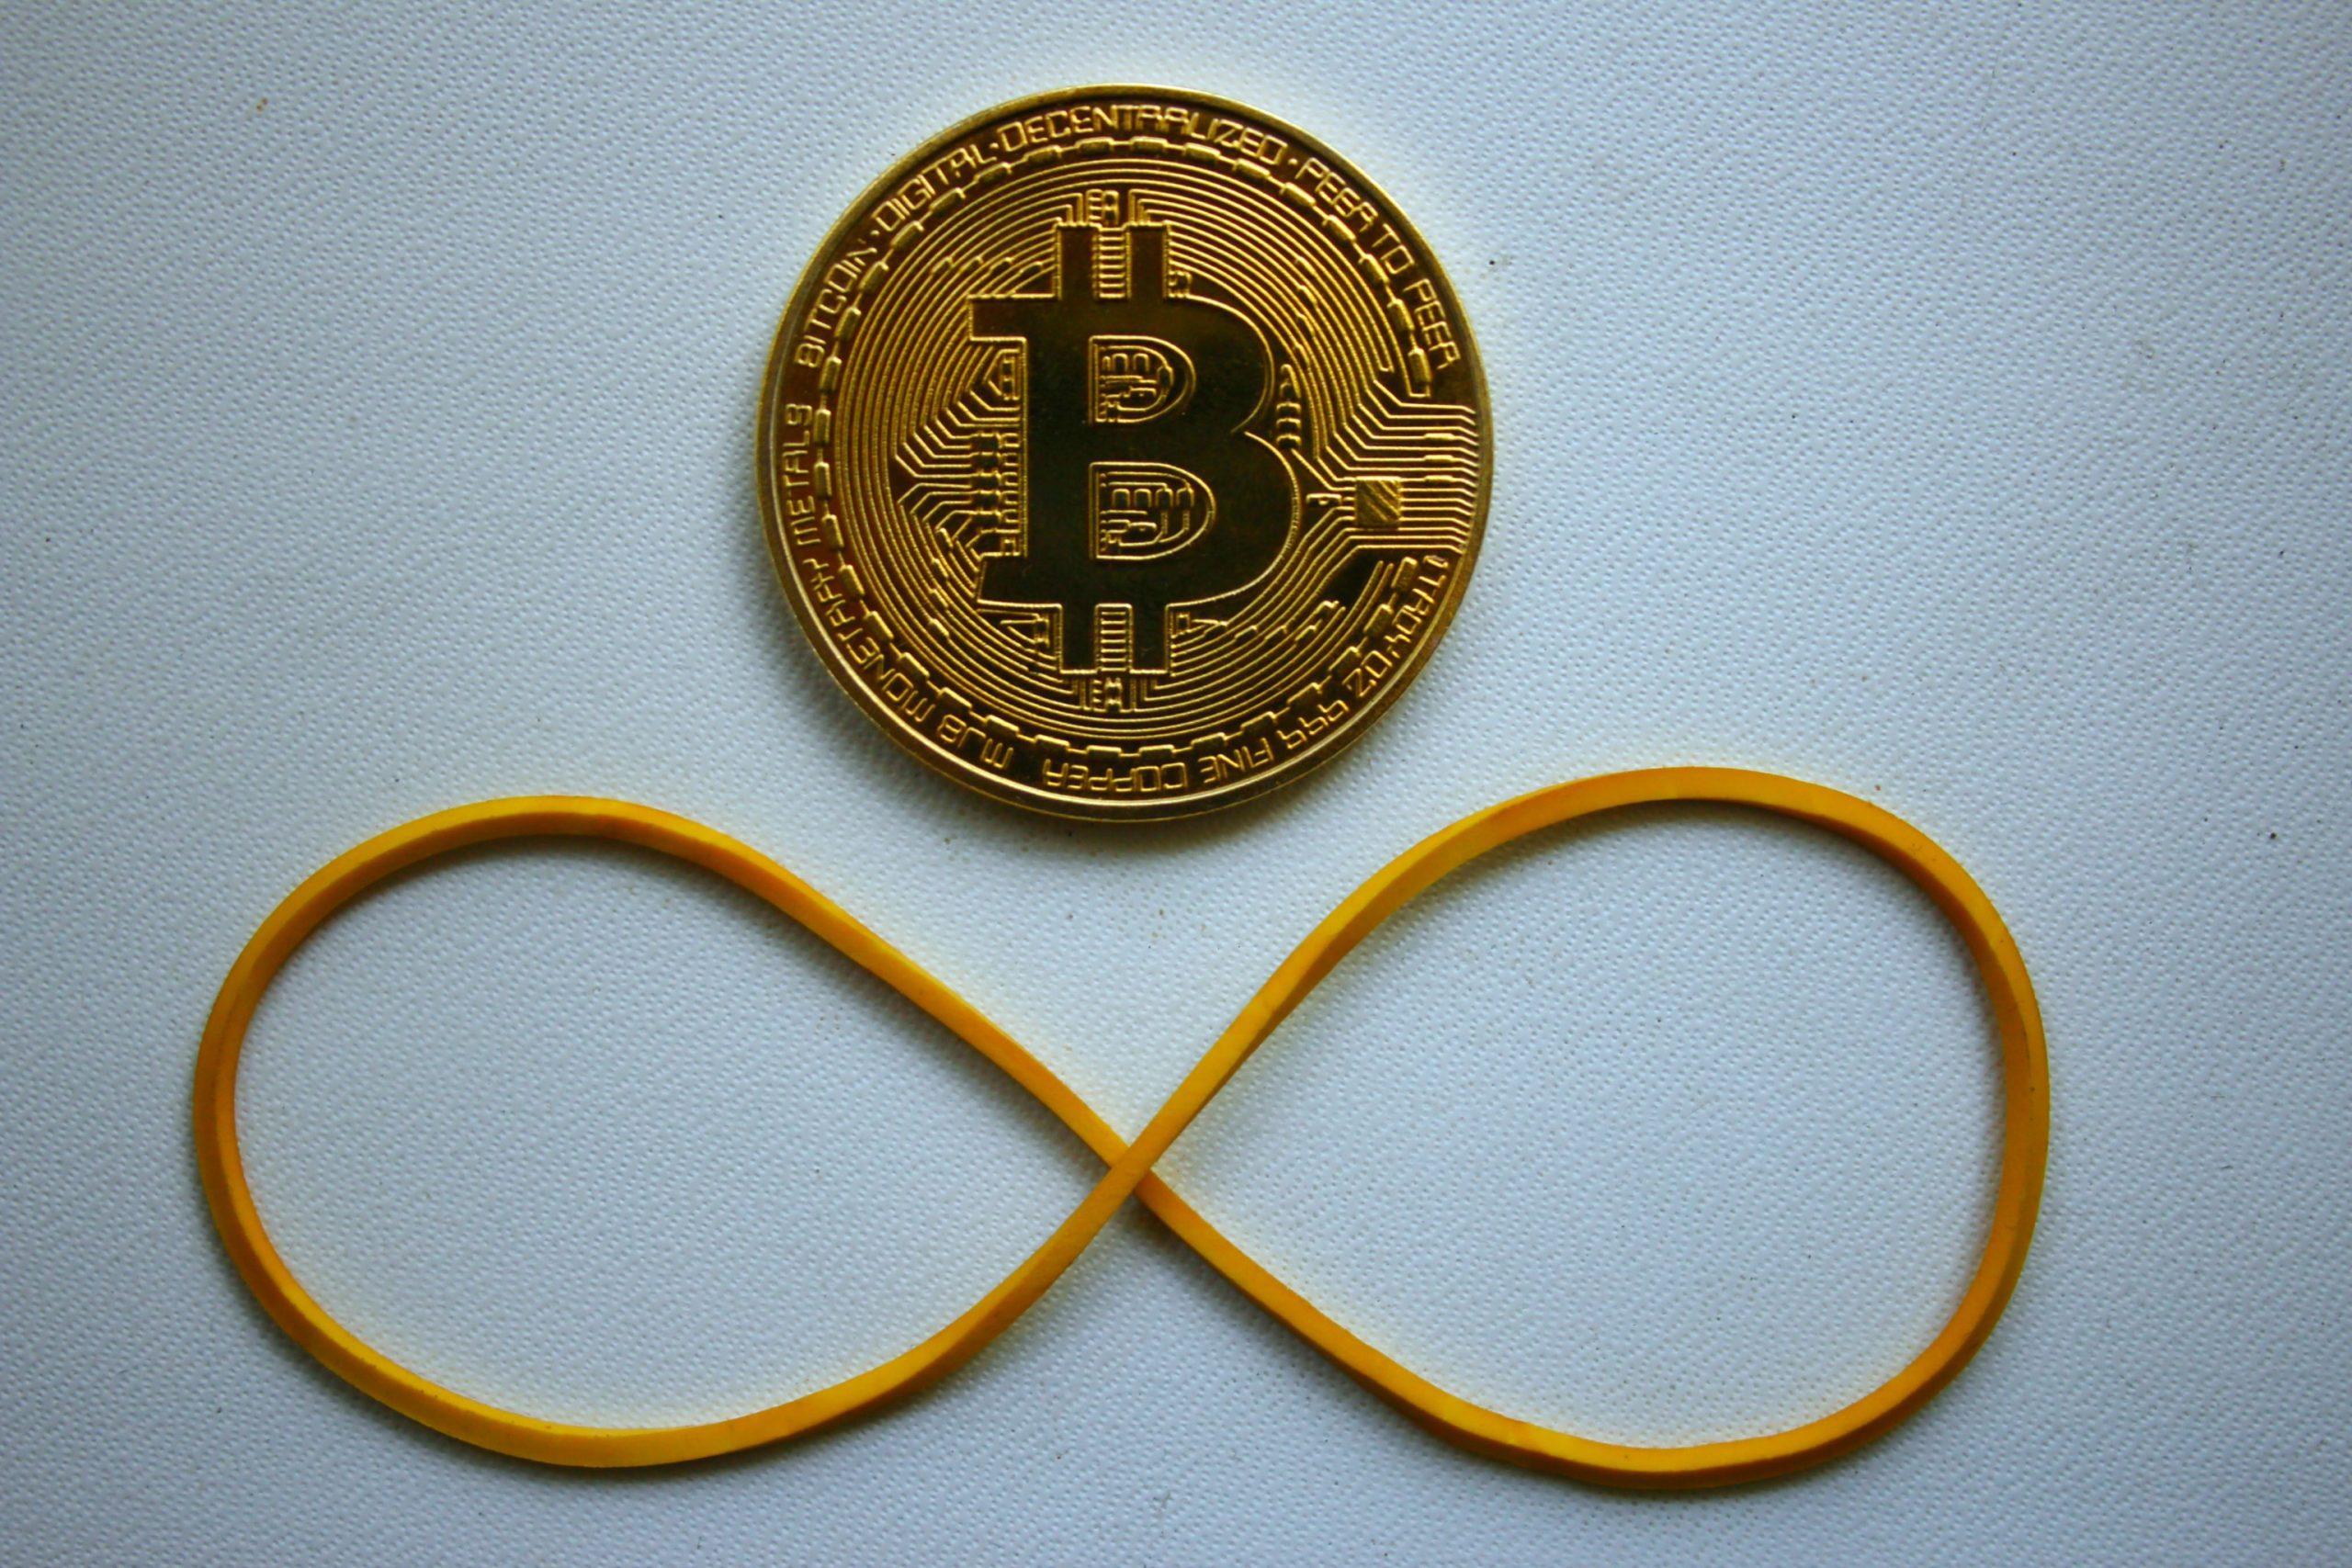 Bitcoin-Münze, darunter ein Gummiband, das in Form des Undendlichkeitzeichens gelegt ist